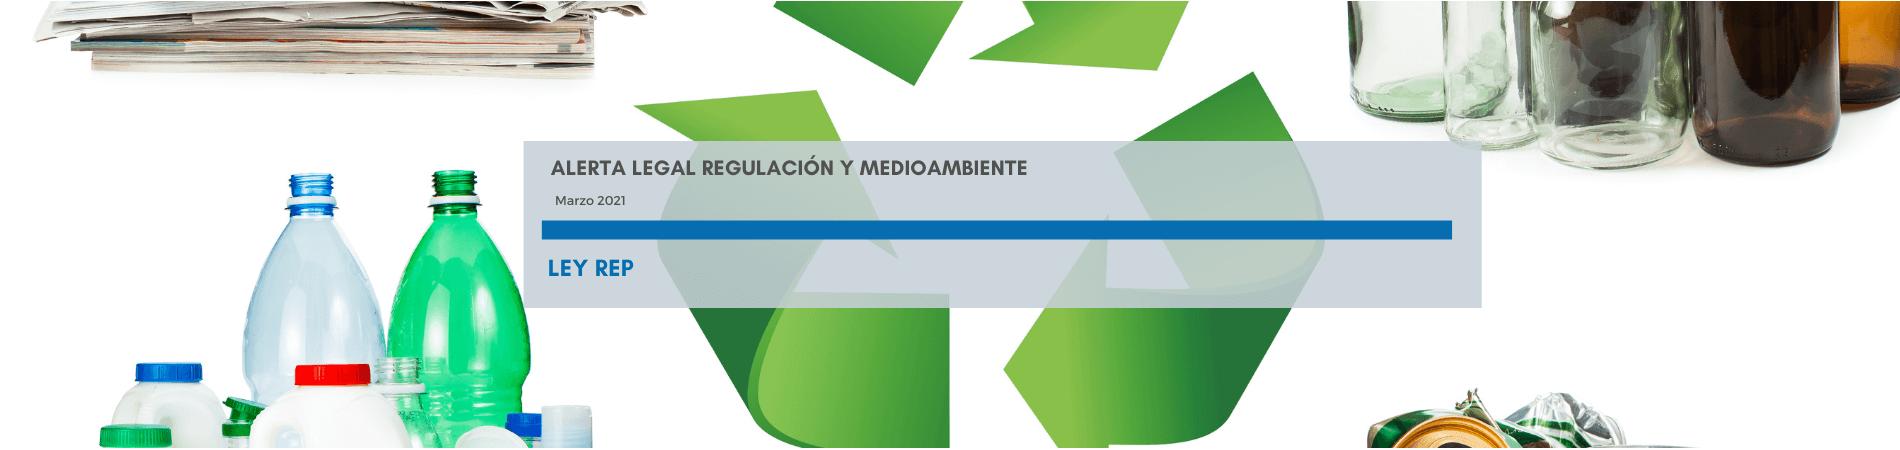 Alerta Legal Regulación y Medioambiente | Ley REP